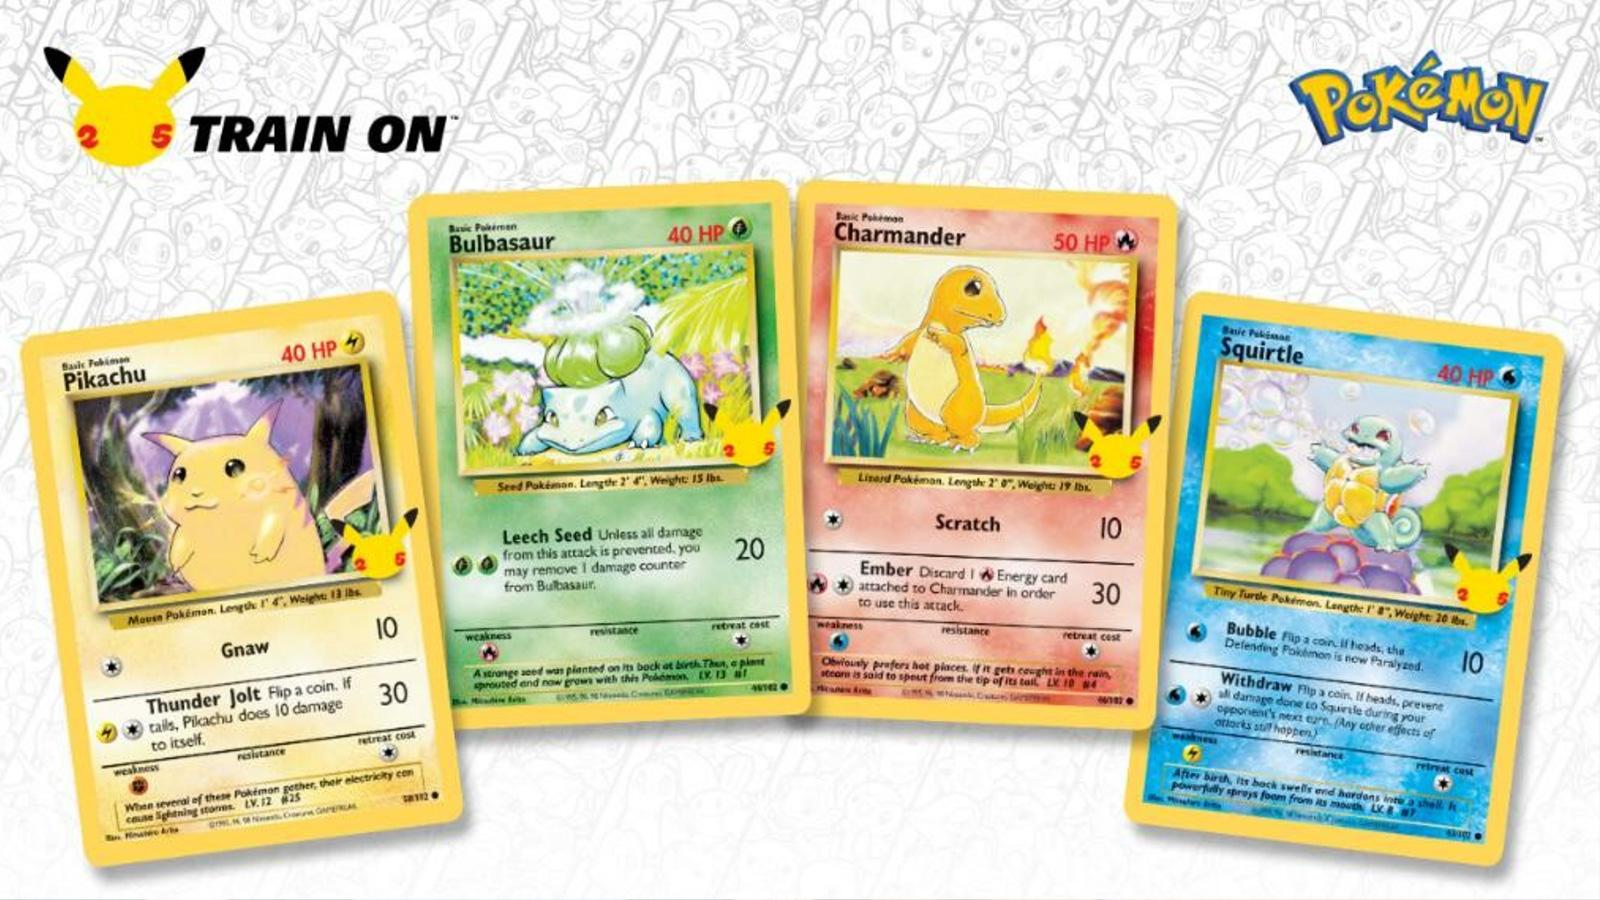 Screenshot of Pokemon TCG partner packs.